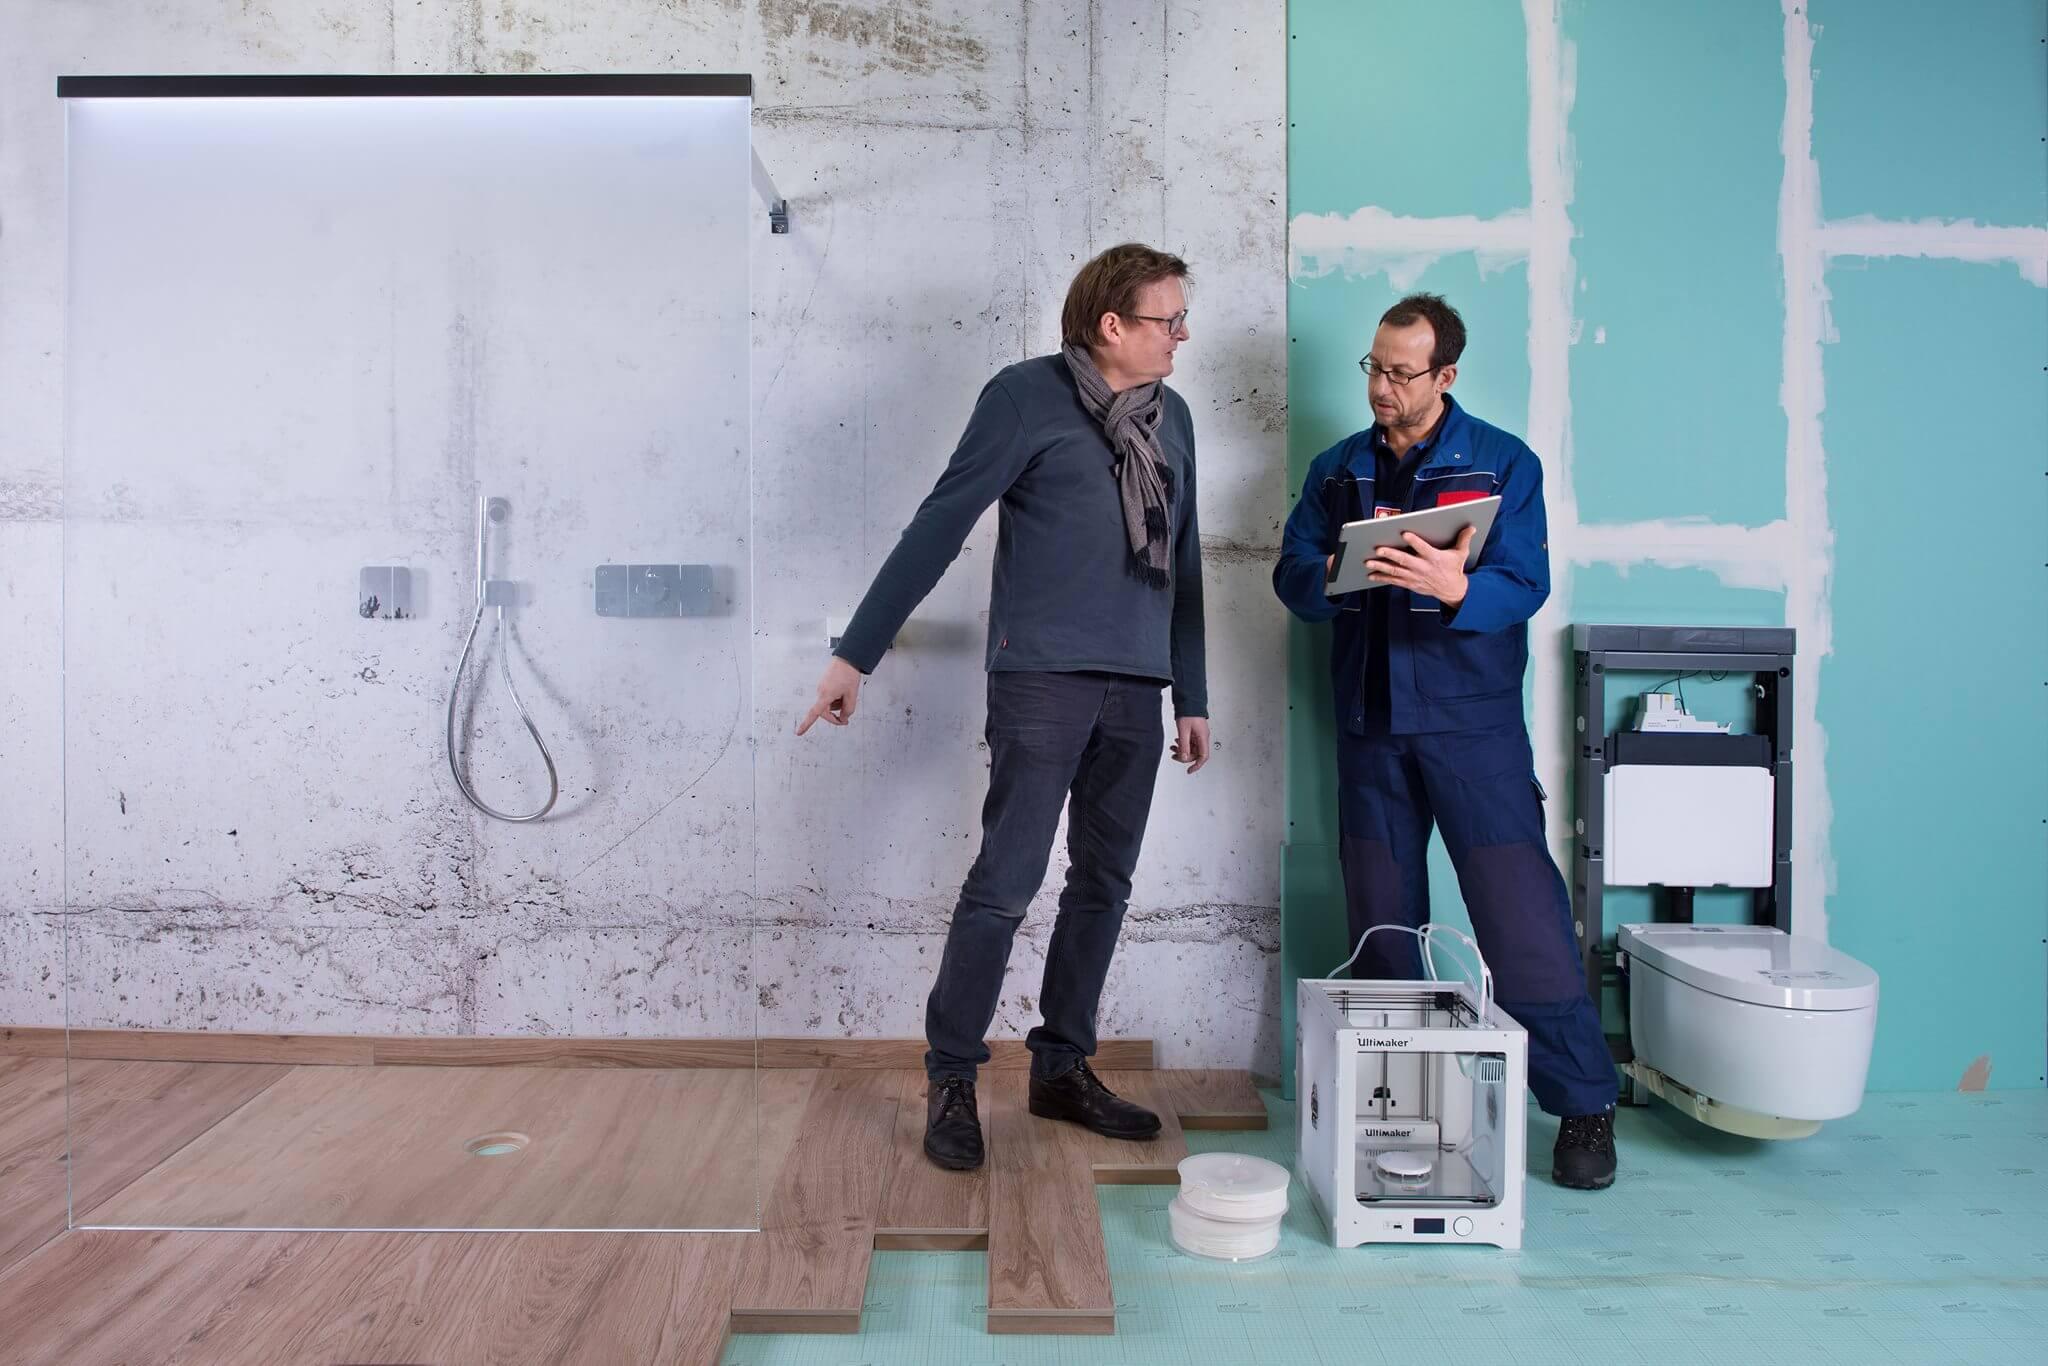 Foto: Karsten Jipp; Vereinigung Deutsche Sanitärwirtschaft e.V. (VDS)